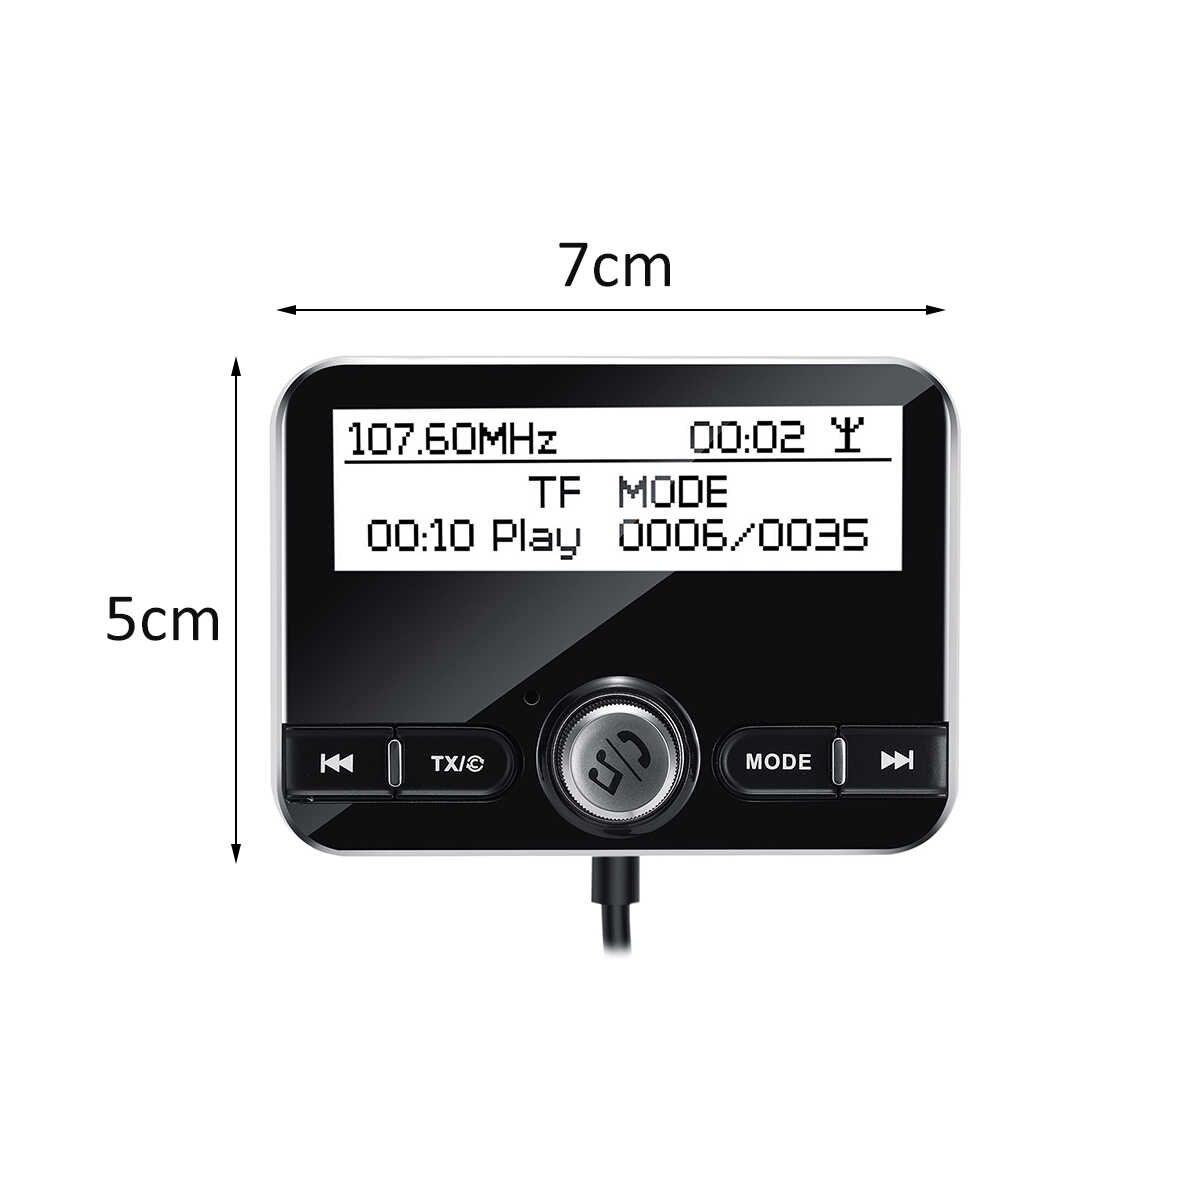 Mobil Radio Penerima Tuner USB Adapter Bluetooth Mobil Transmitter TF/AUX Antena LCD Display Digital Radio Panggilan Bebas Genggam